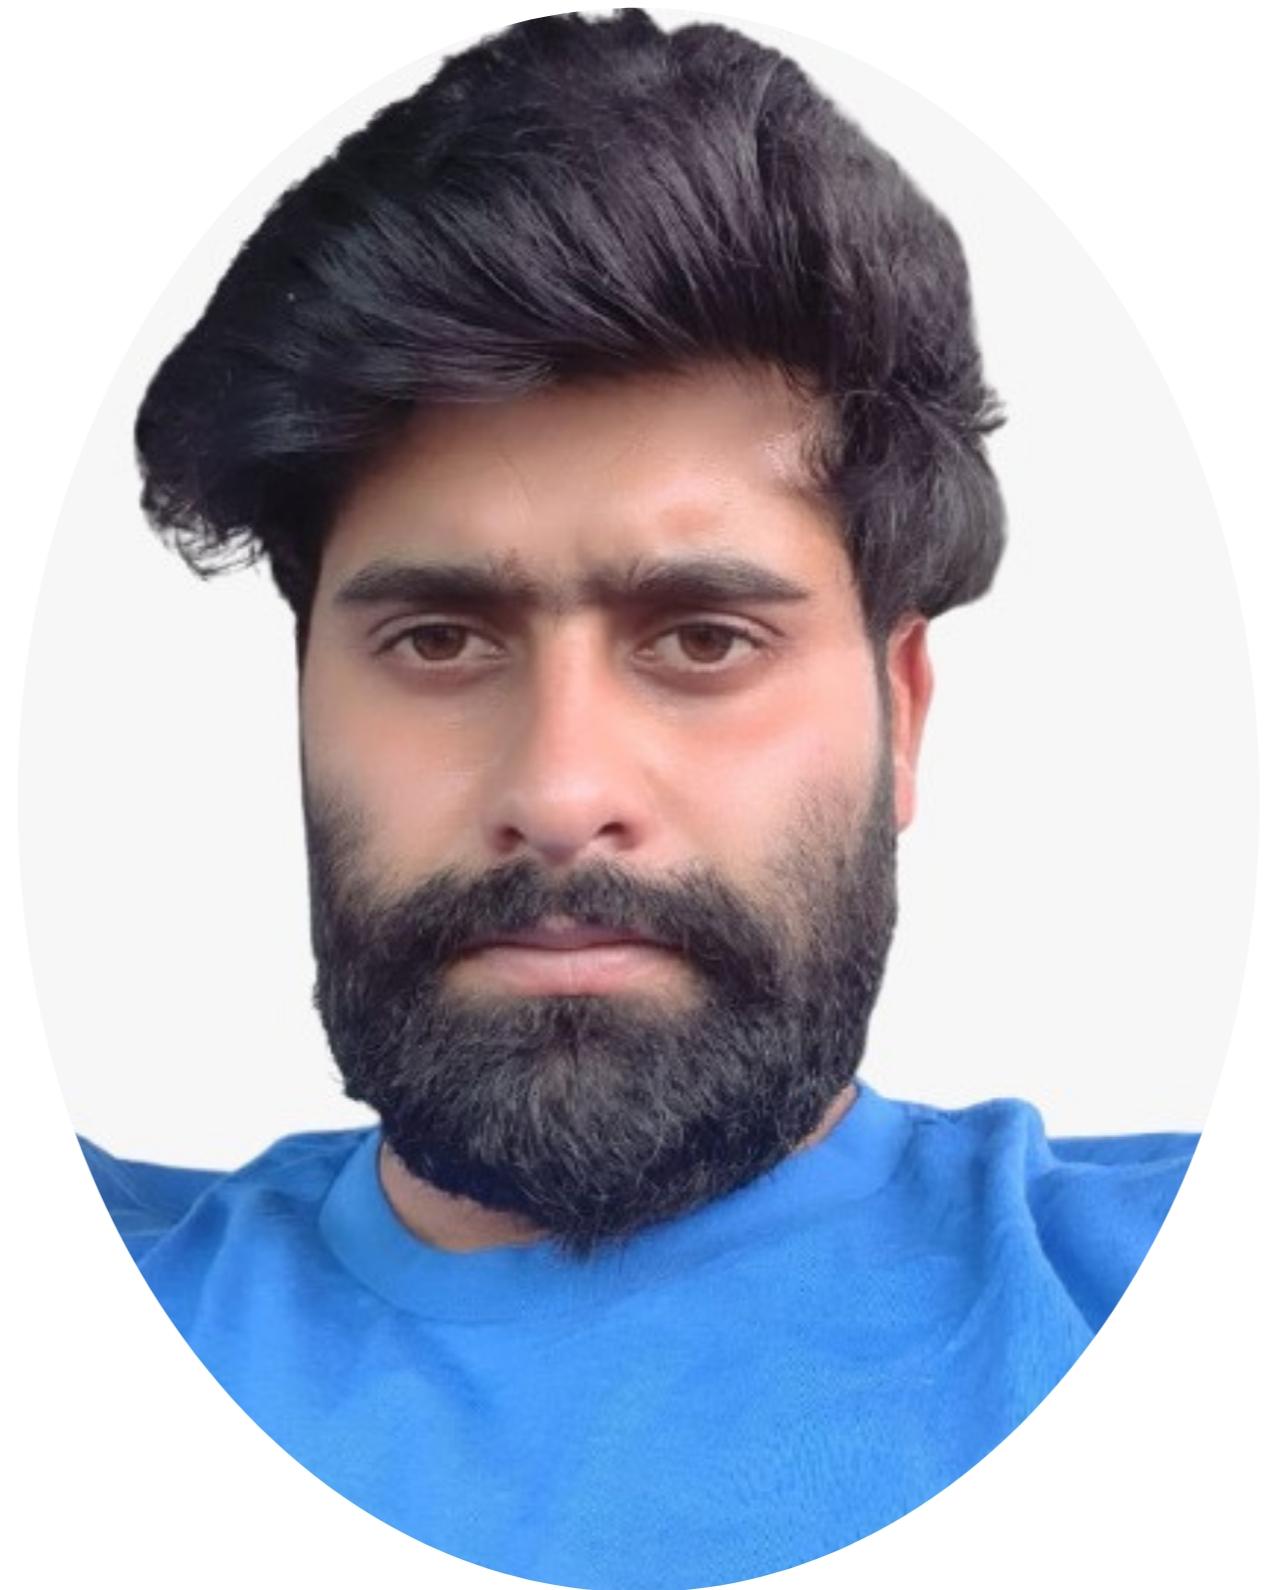 Mr. Kaifat Sidiq UNISED